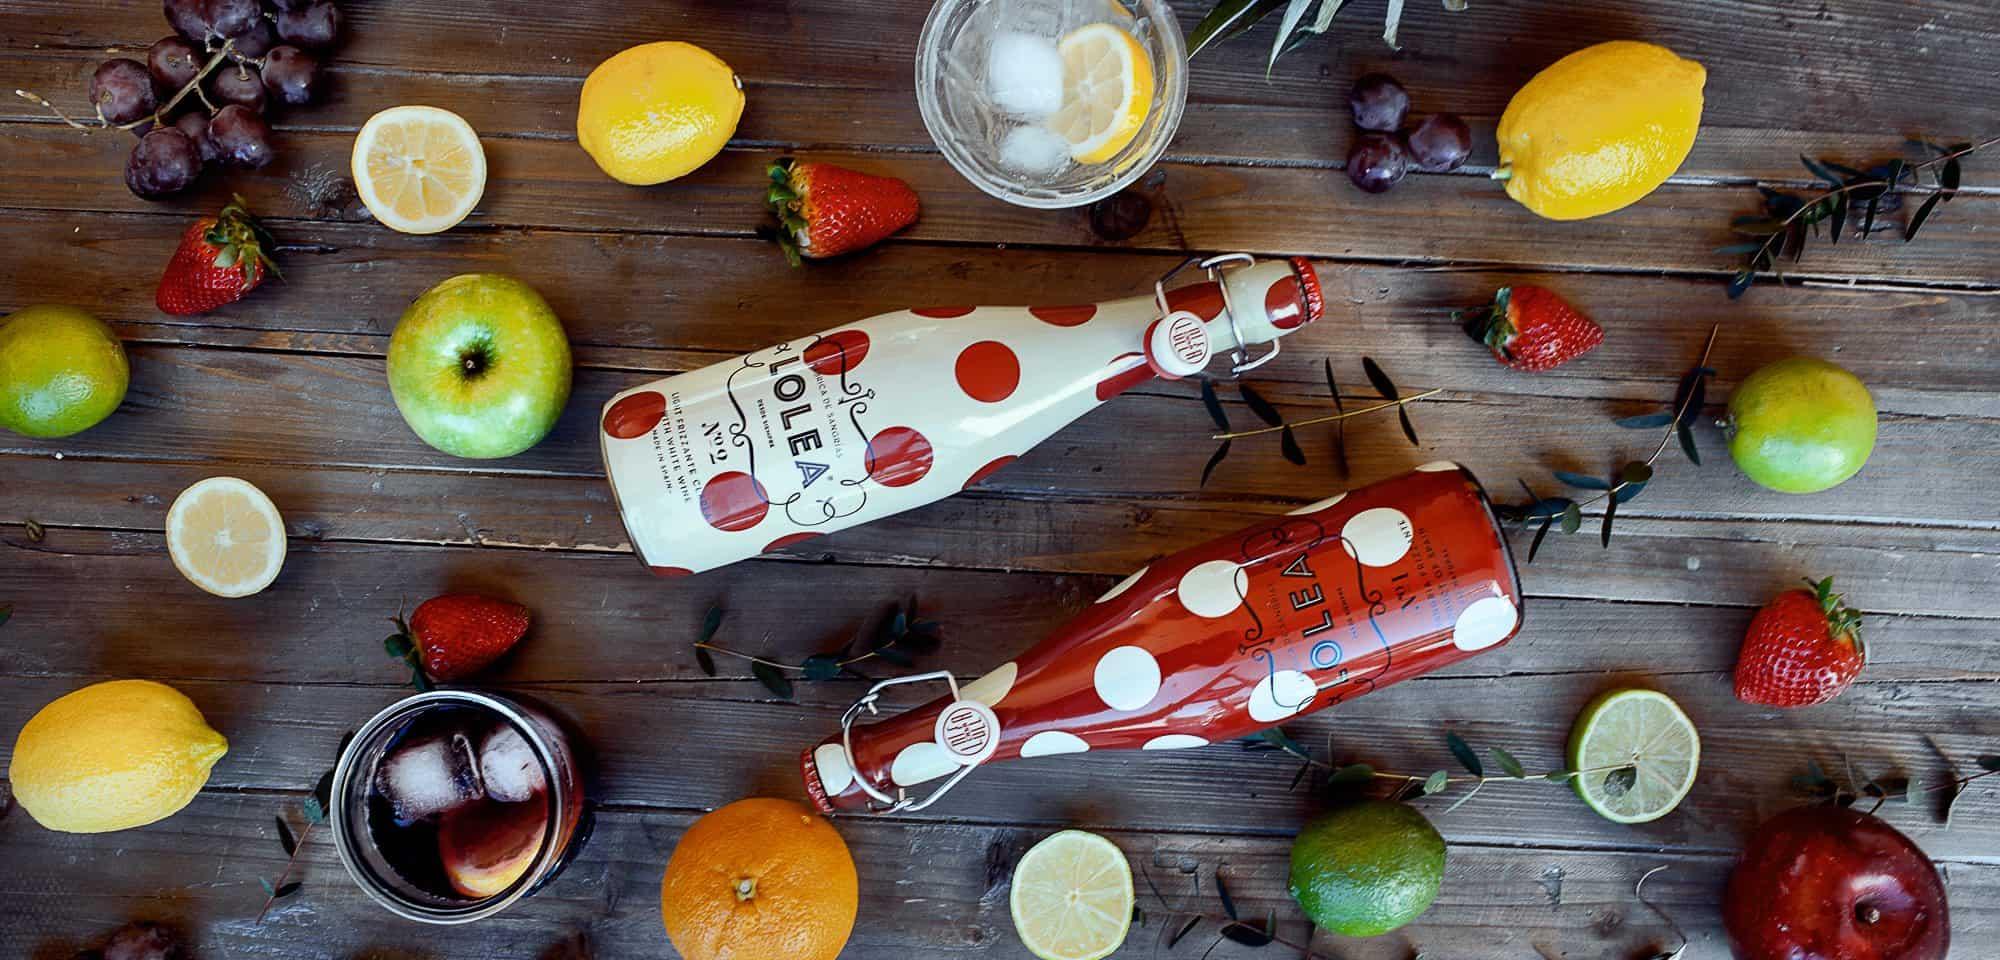 image1Bebidas-alcoólicas-Liv-Import-Sangria